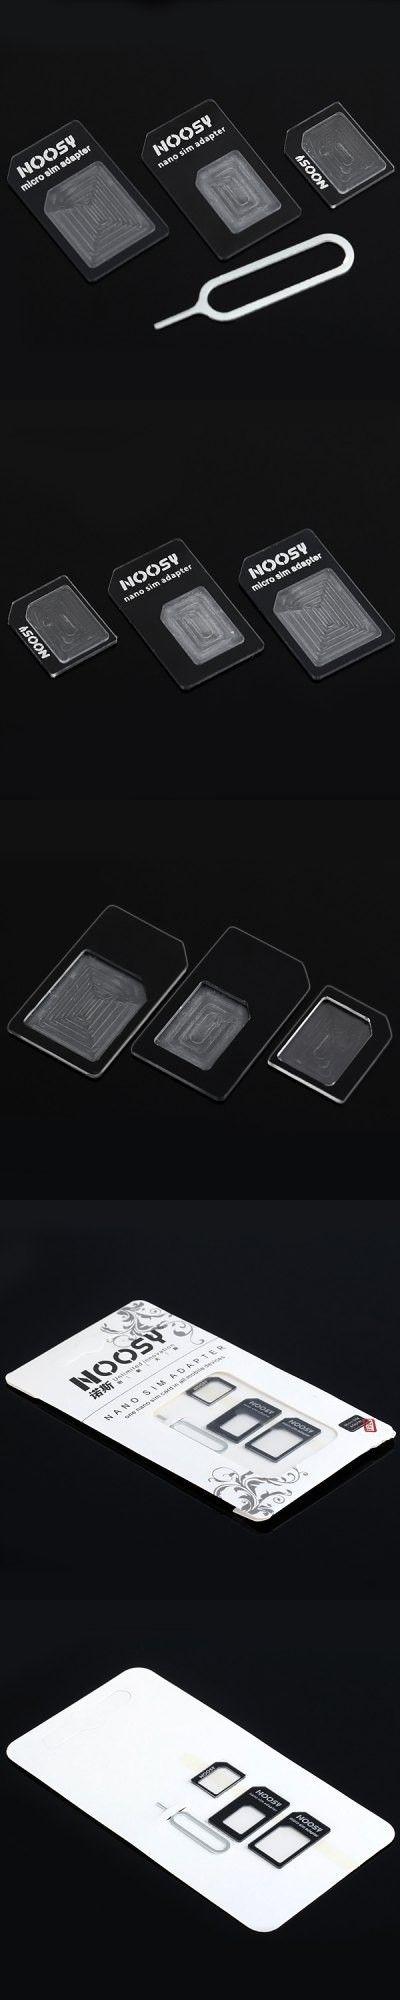 3 in 1 NOOSY Nano Sim Adapter ( Micro Sim + Nano Sim for iPhone 6S / 6 Plus / 5 / 4 / 4S )